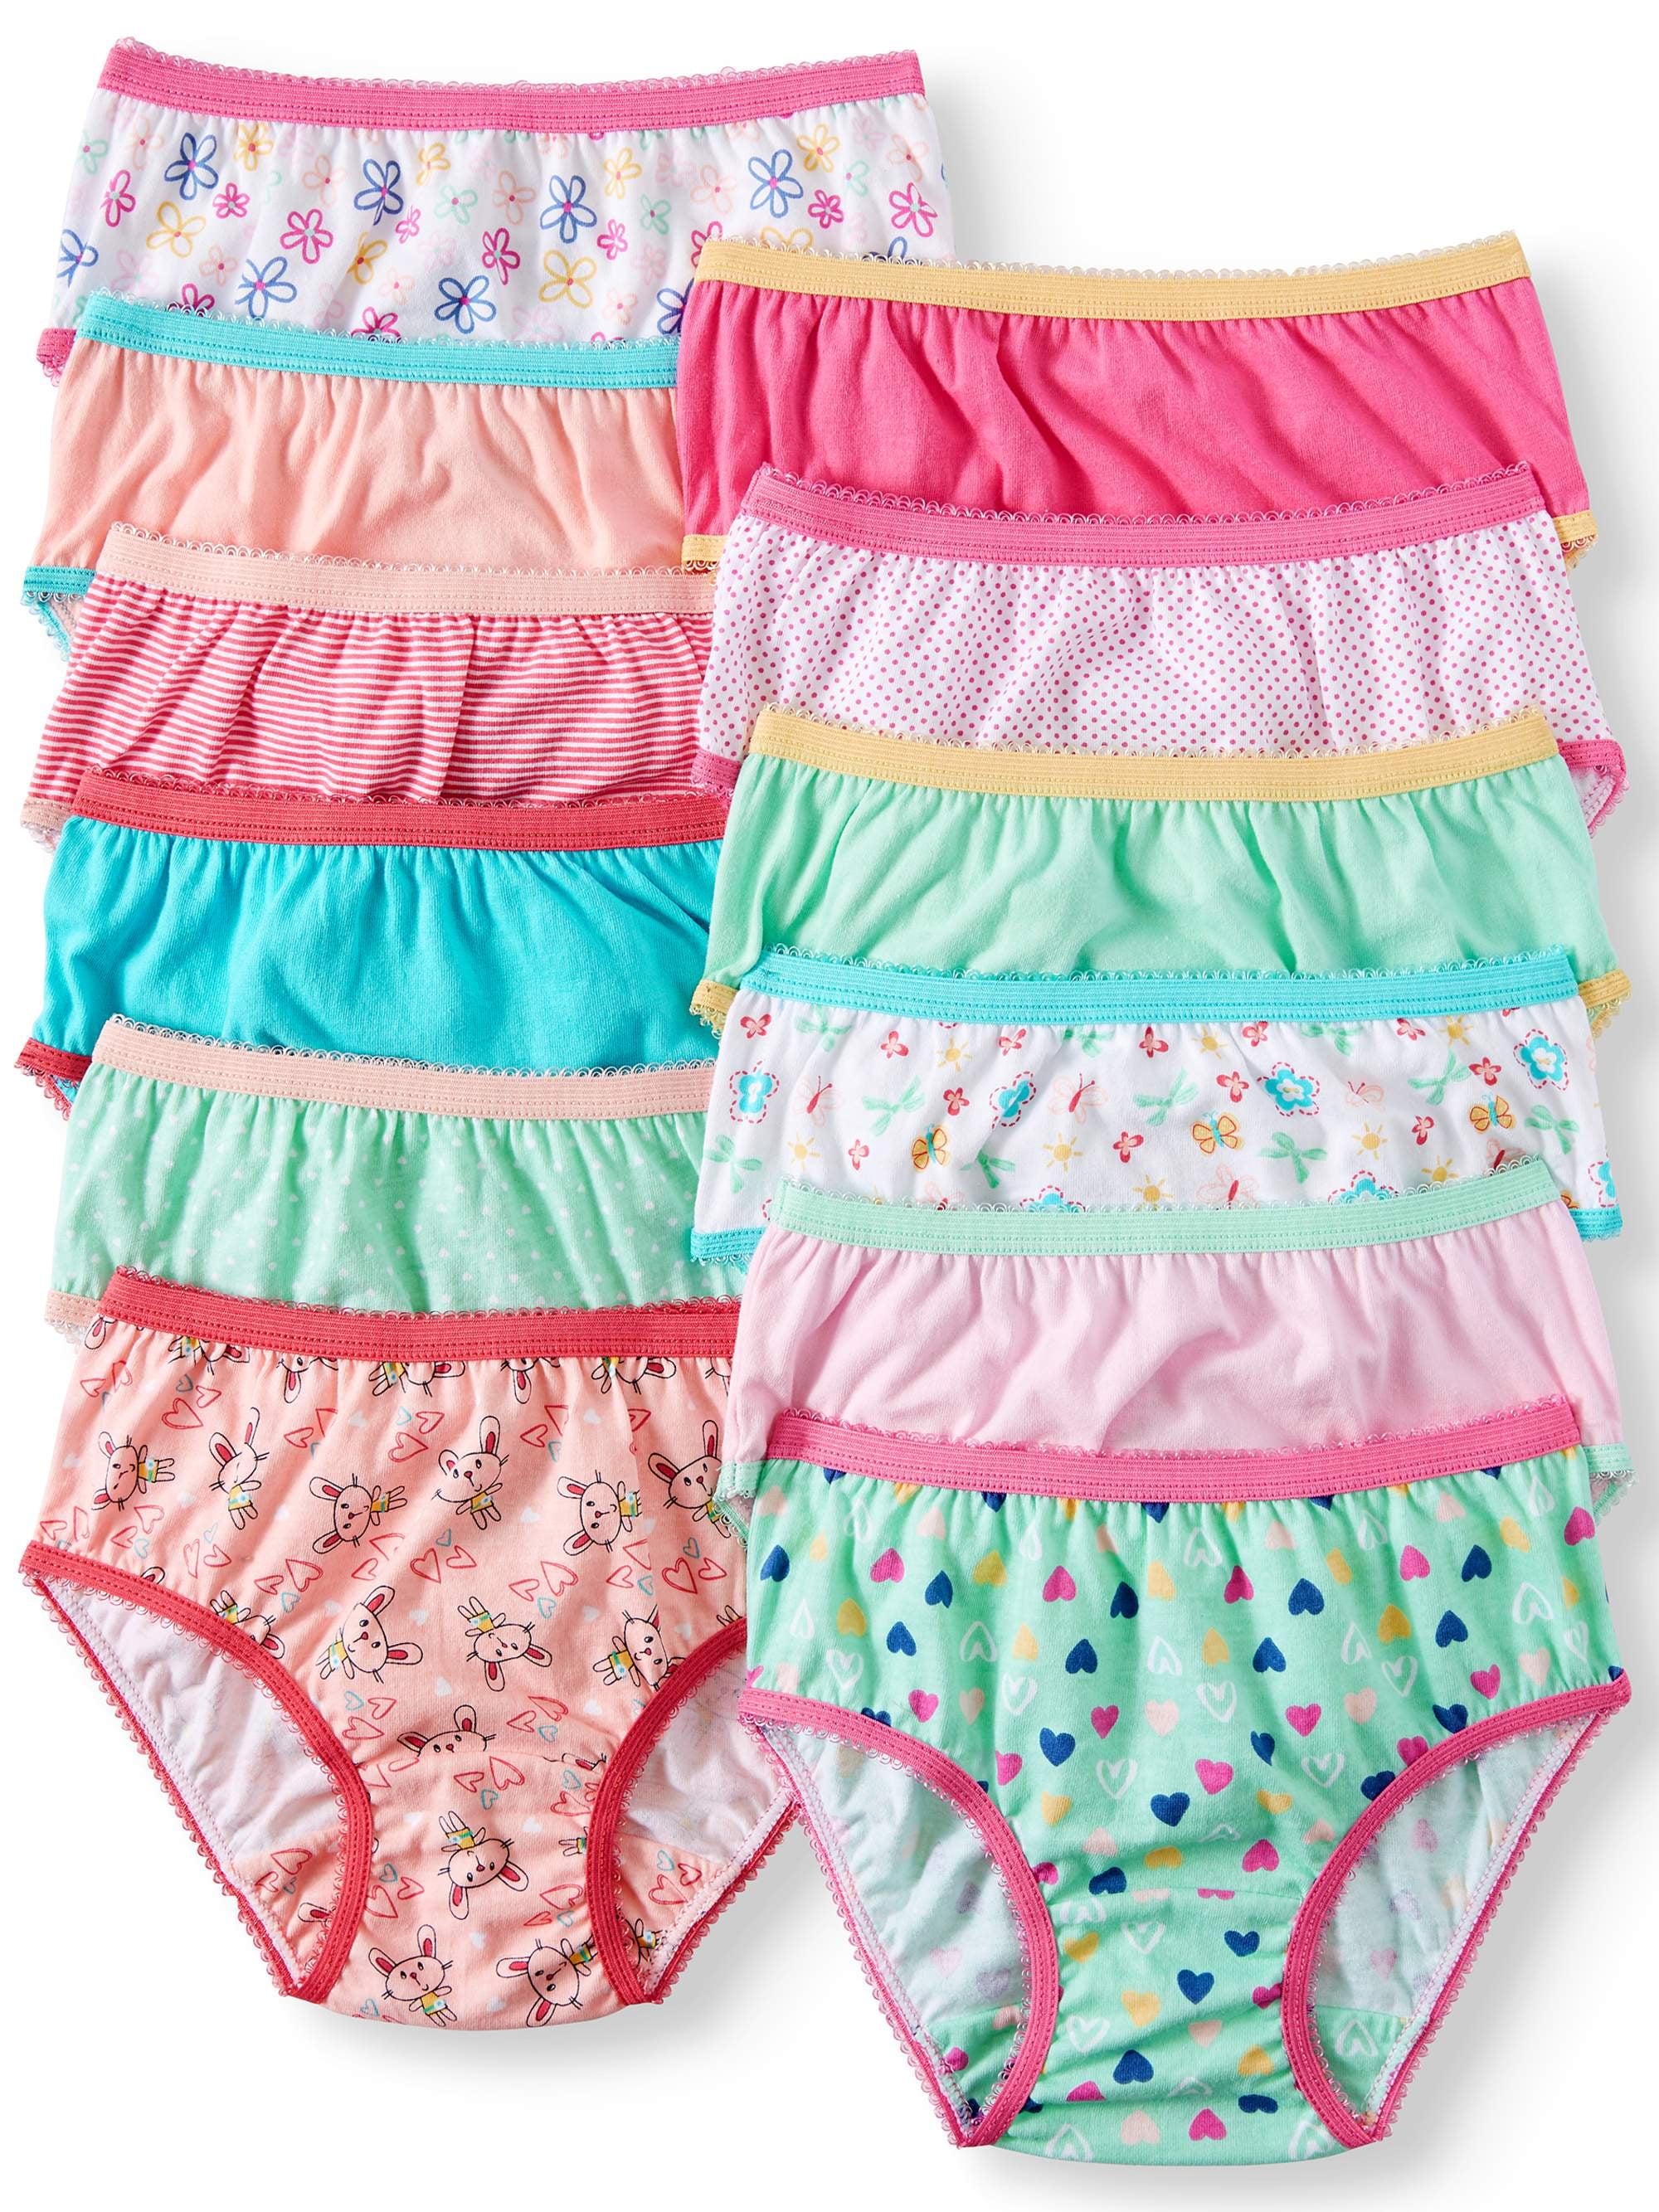 Cotton Brief Panties, 12-pack (Toddler Girls)